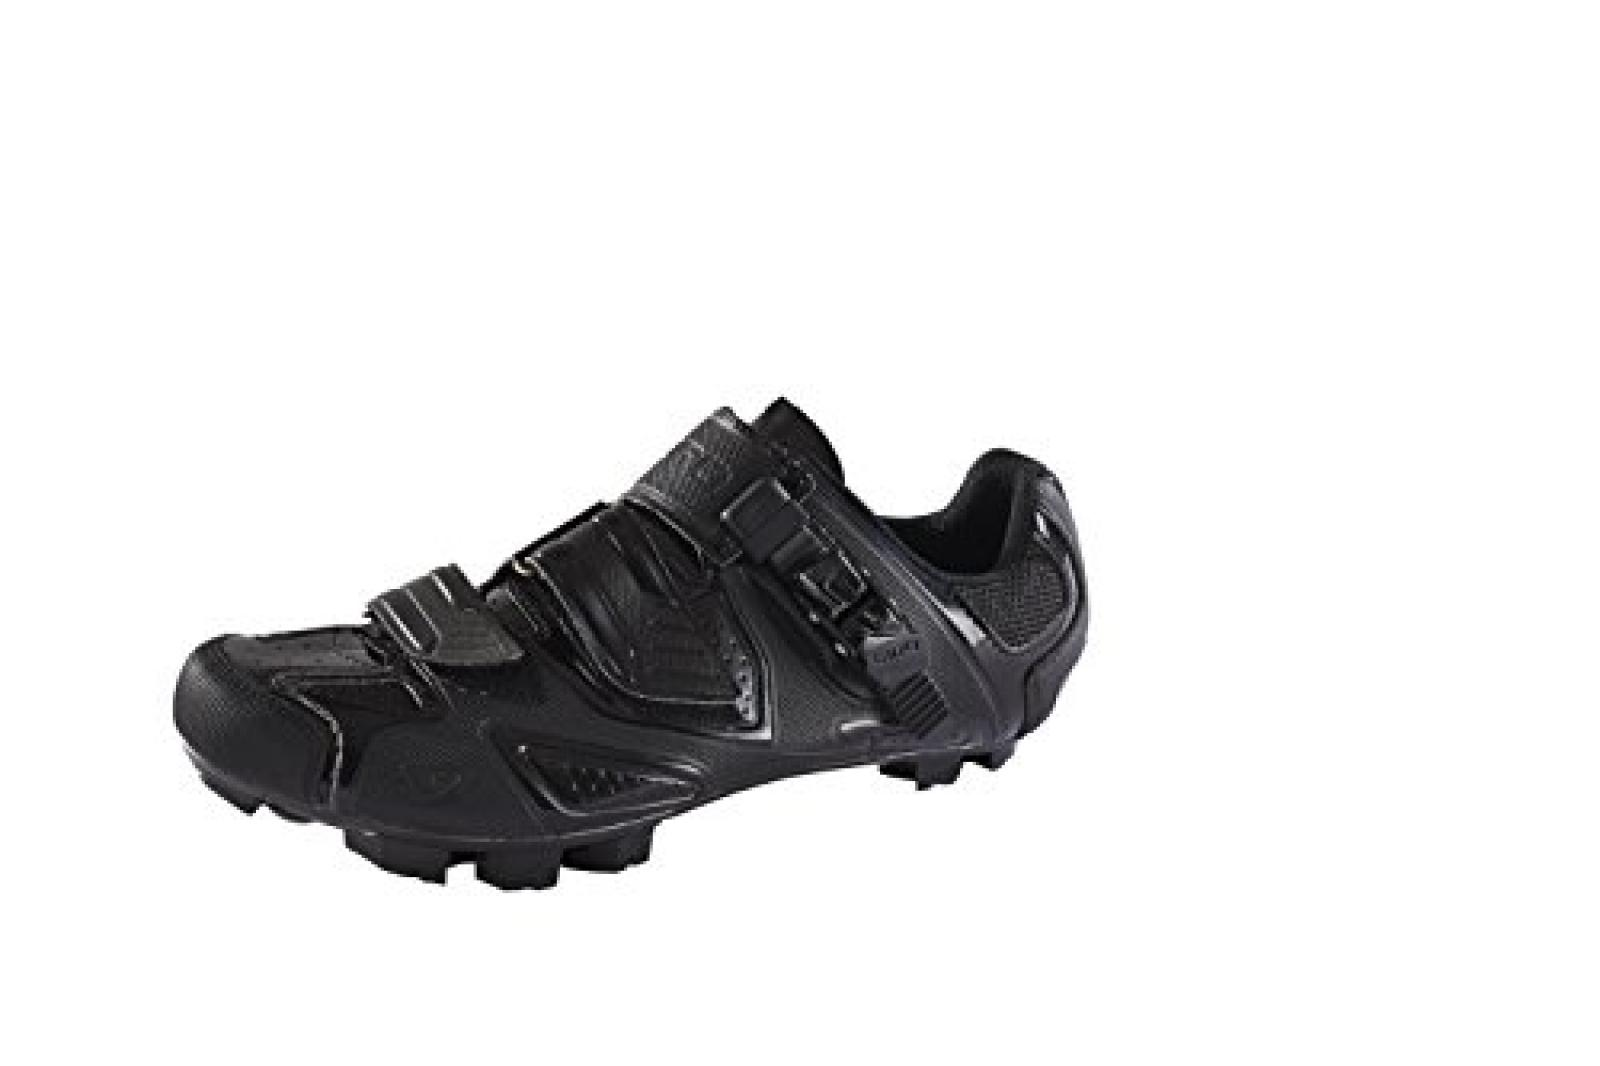 Giro Code MTB Fahrrad Schuhe schwarz 2014